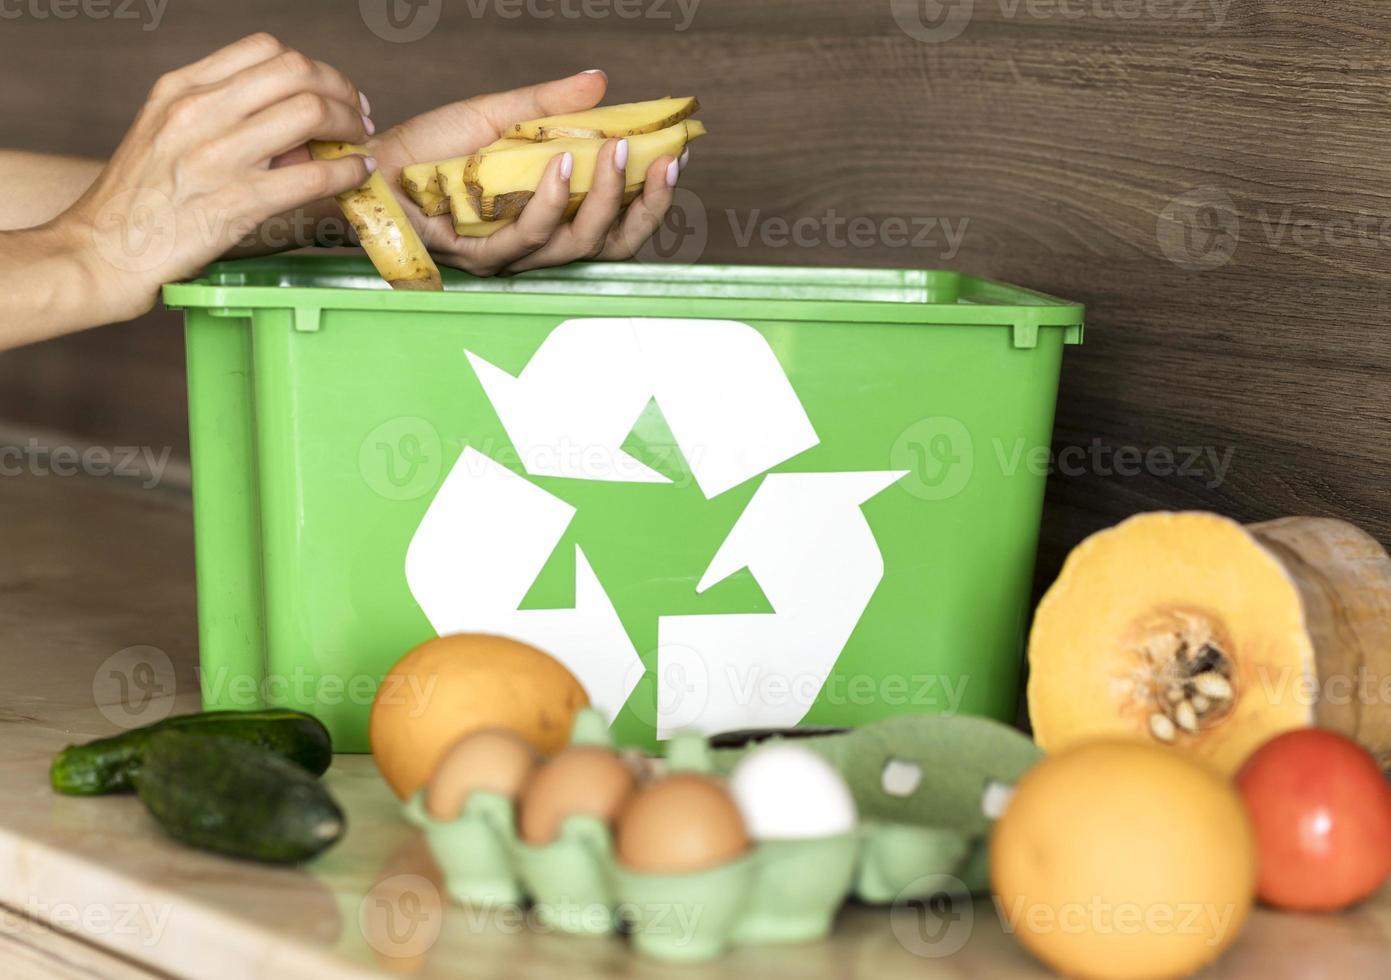 individuell återvinning av ekologiska grönsaker foto